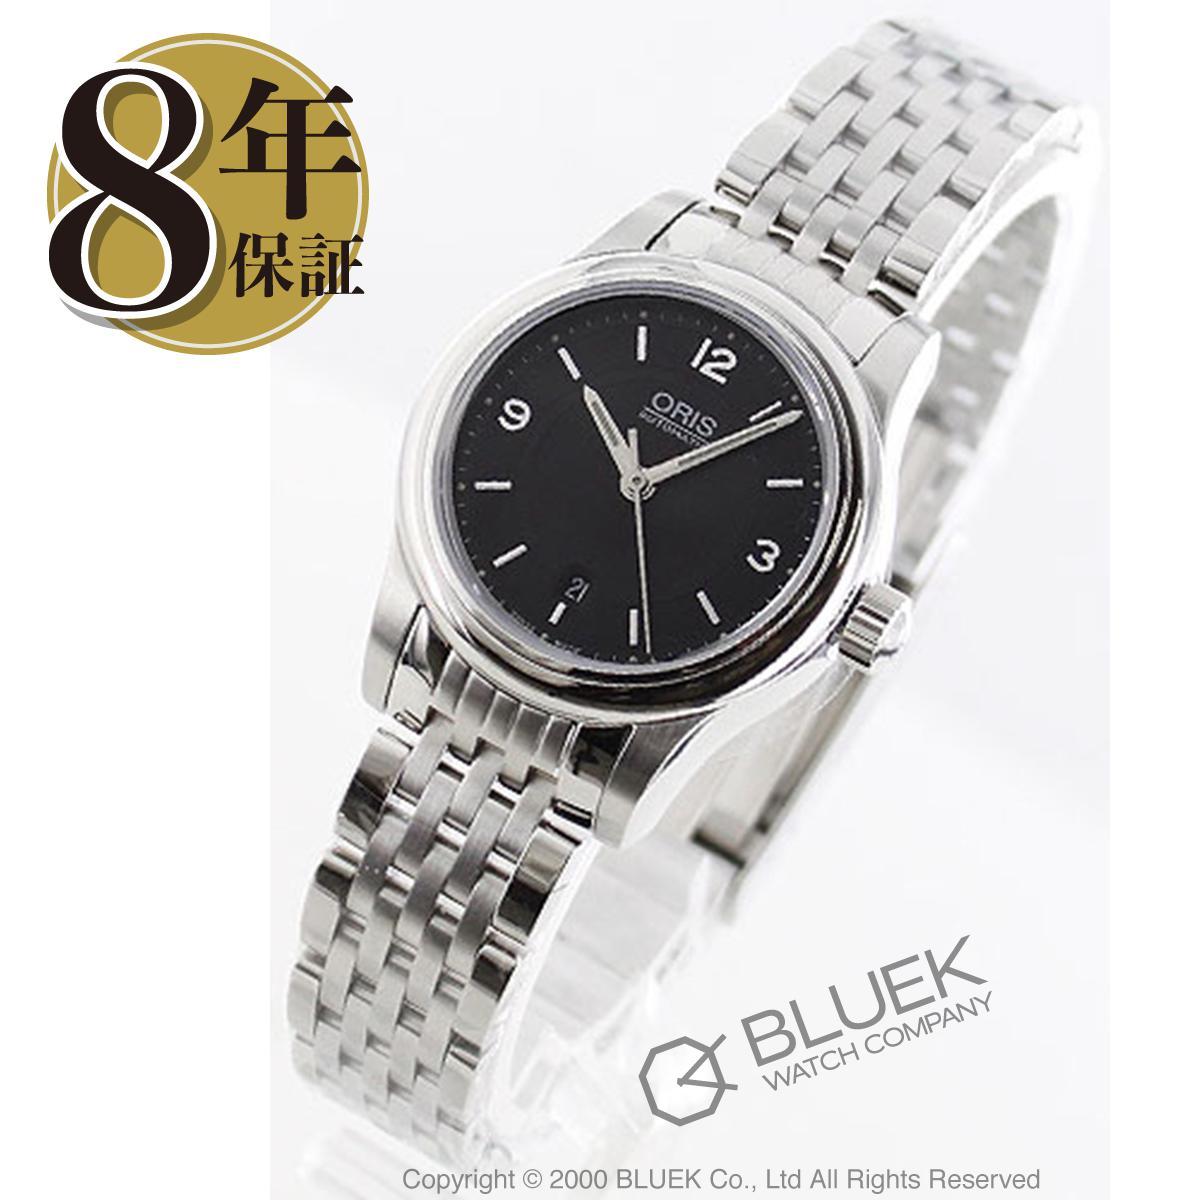 オリス クラシック 腕時計 レディース ORIS 561 7650 4034M_8